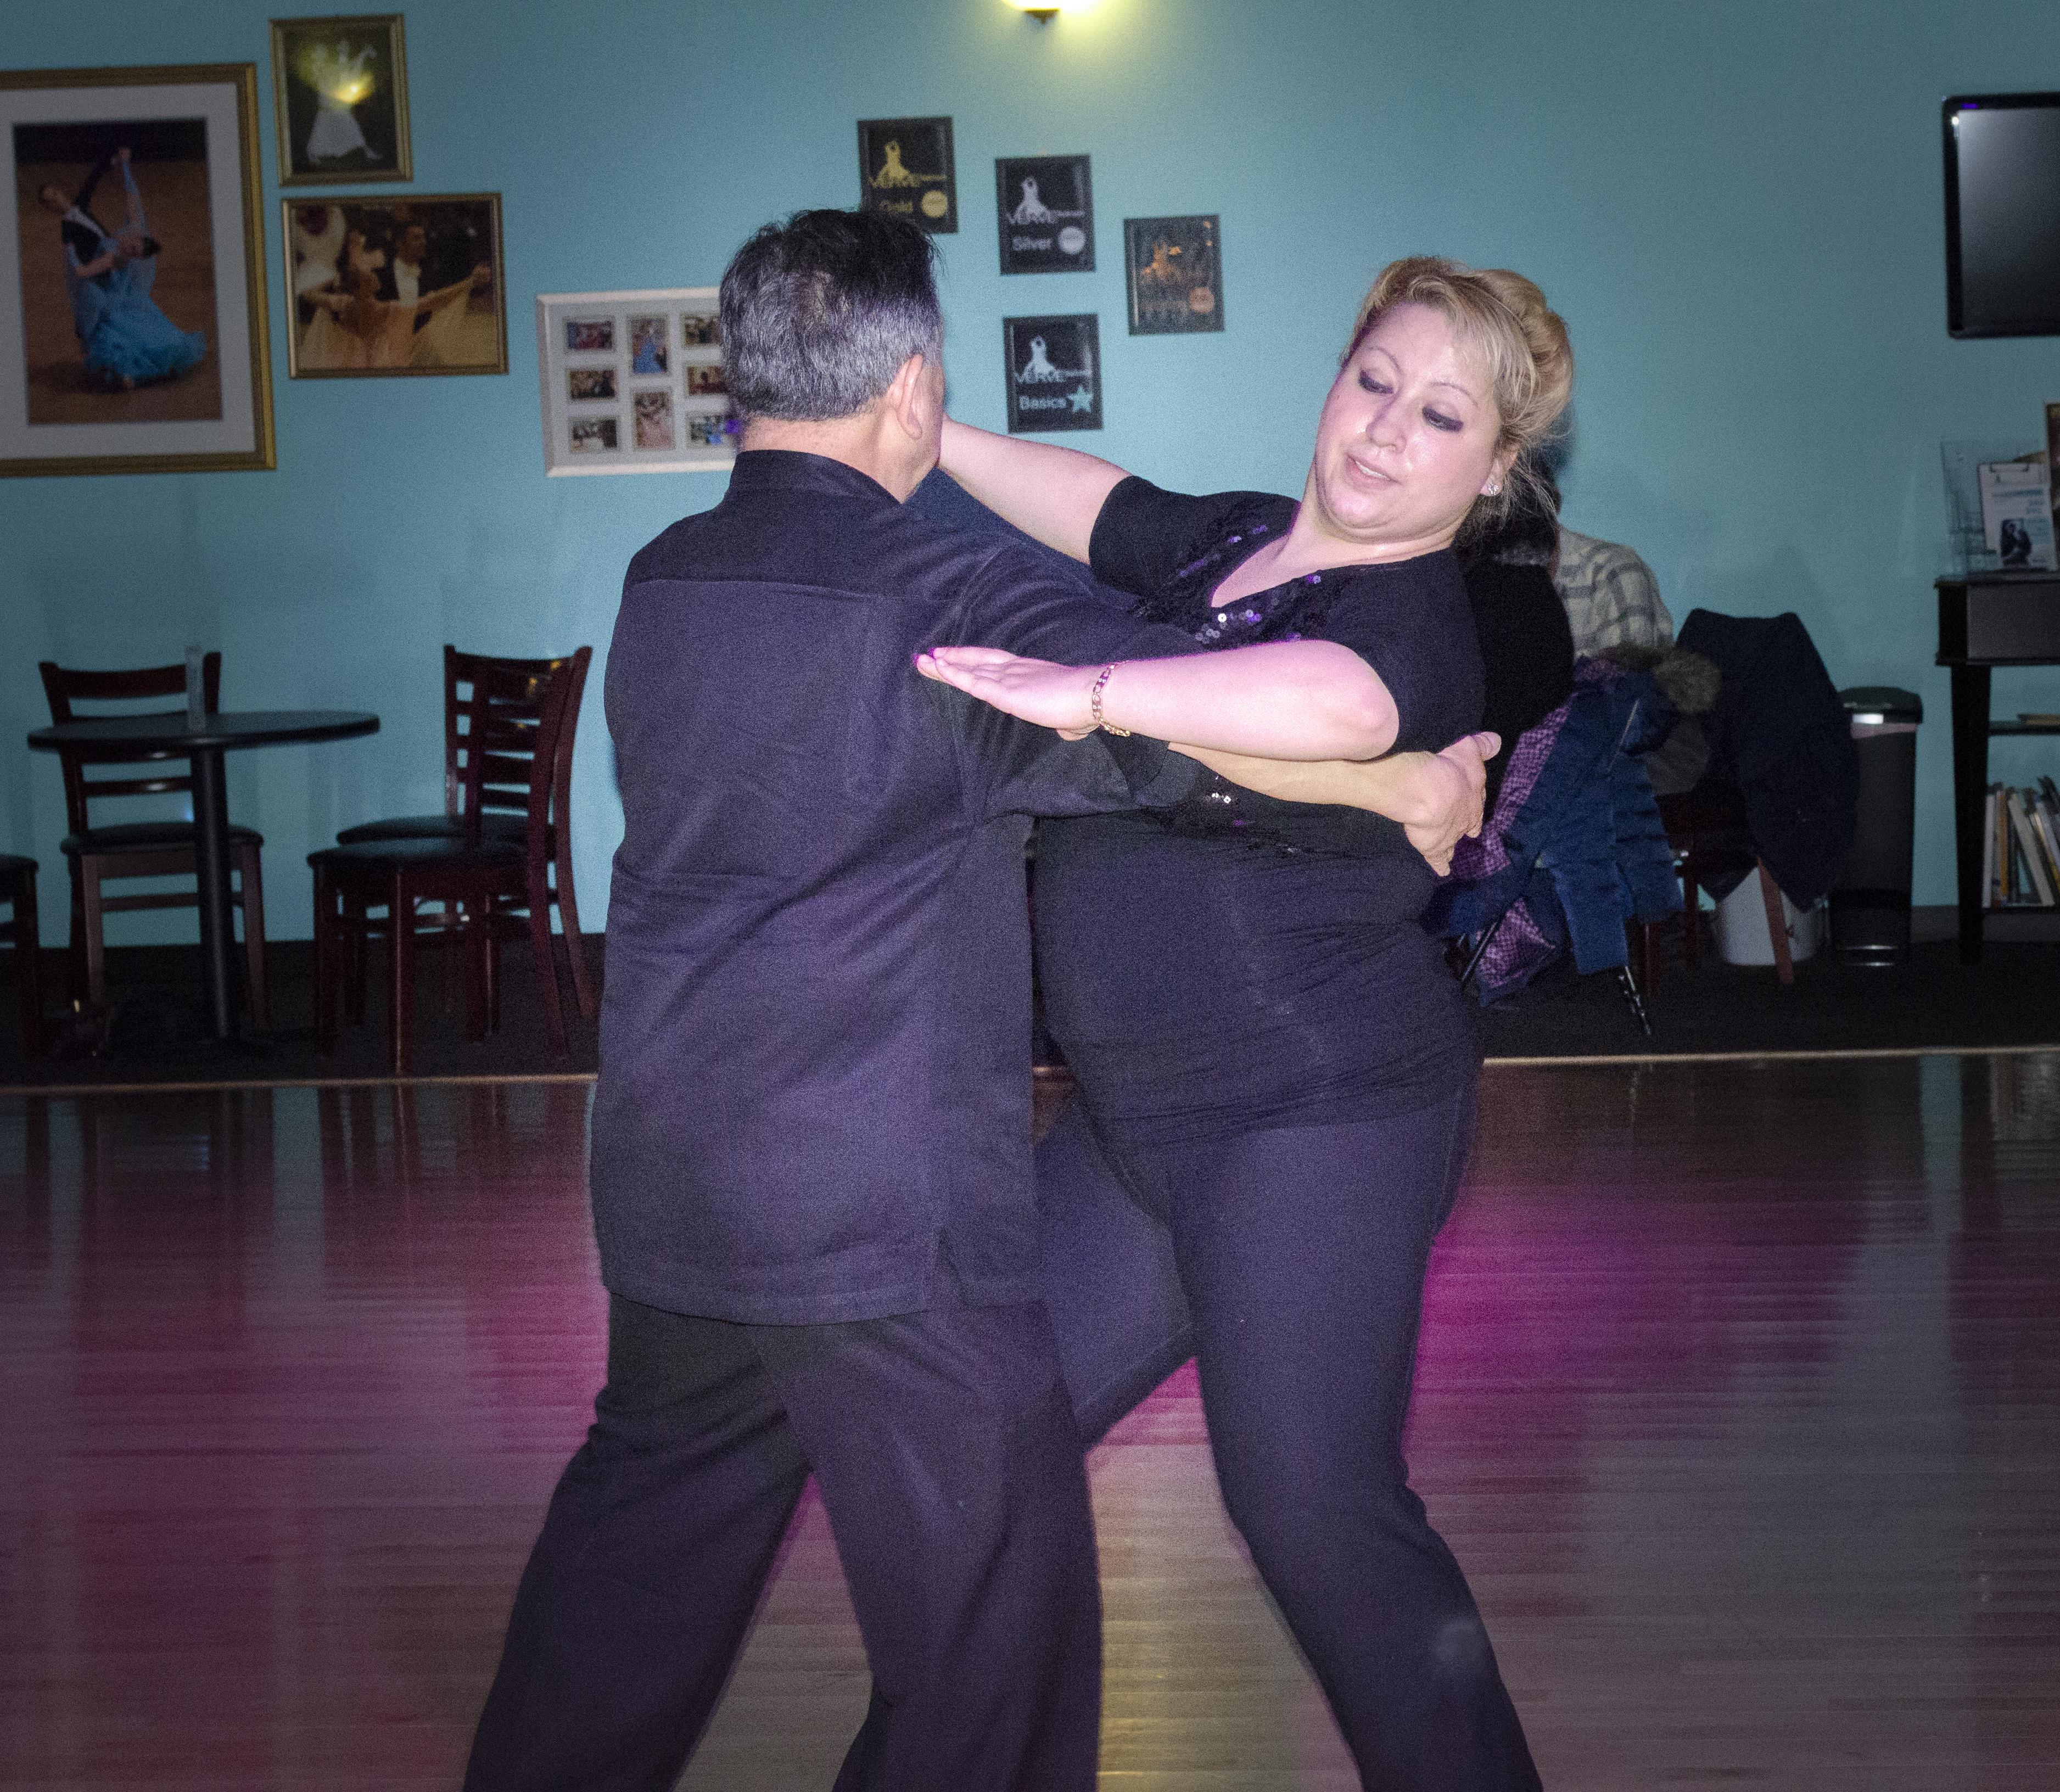 Aaaahhhh, tango